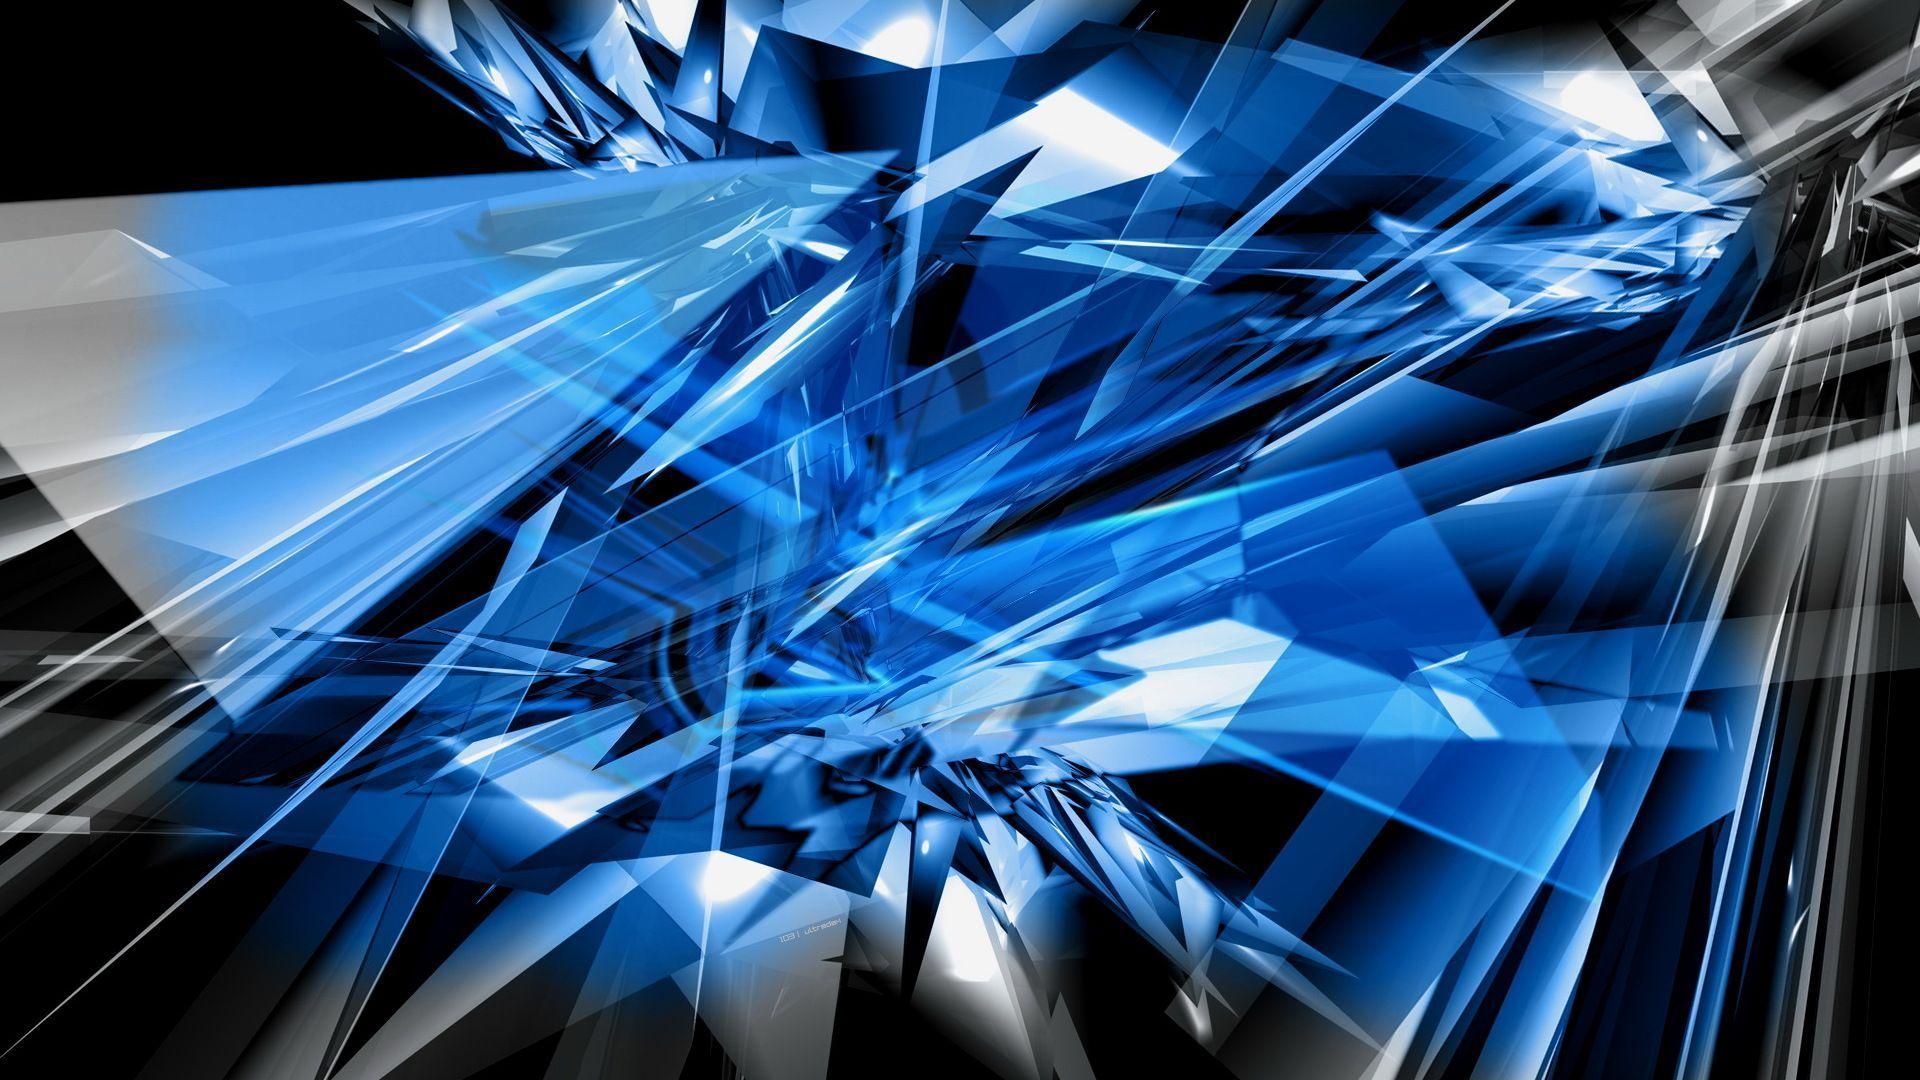 Glass Wallpaper 22 - [1920x1080]